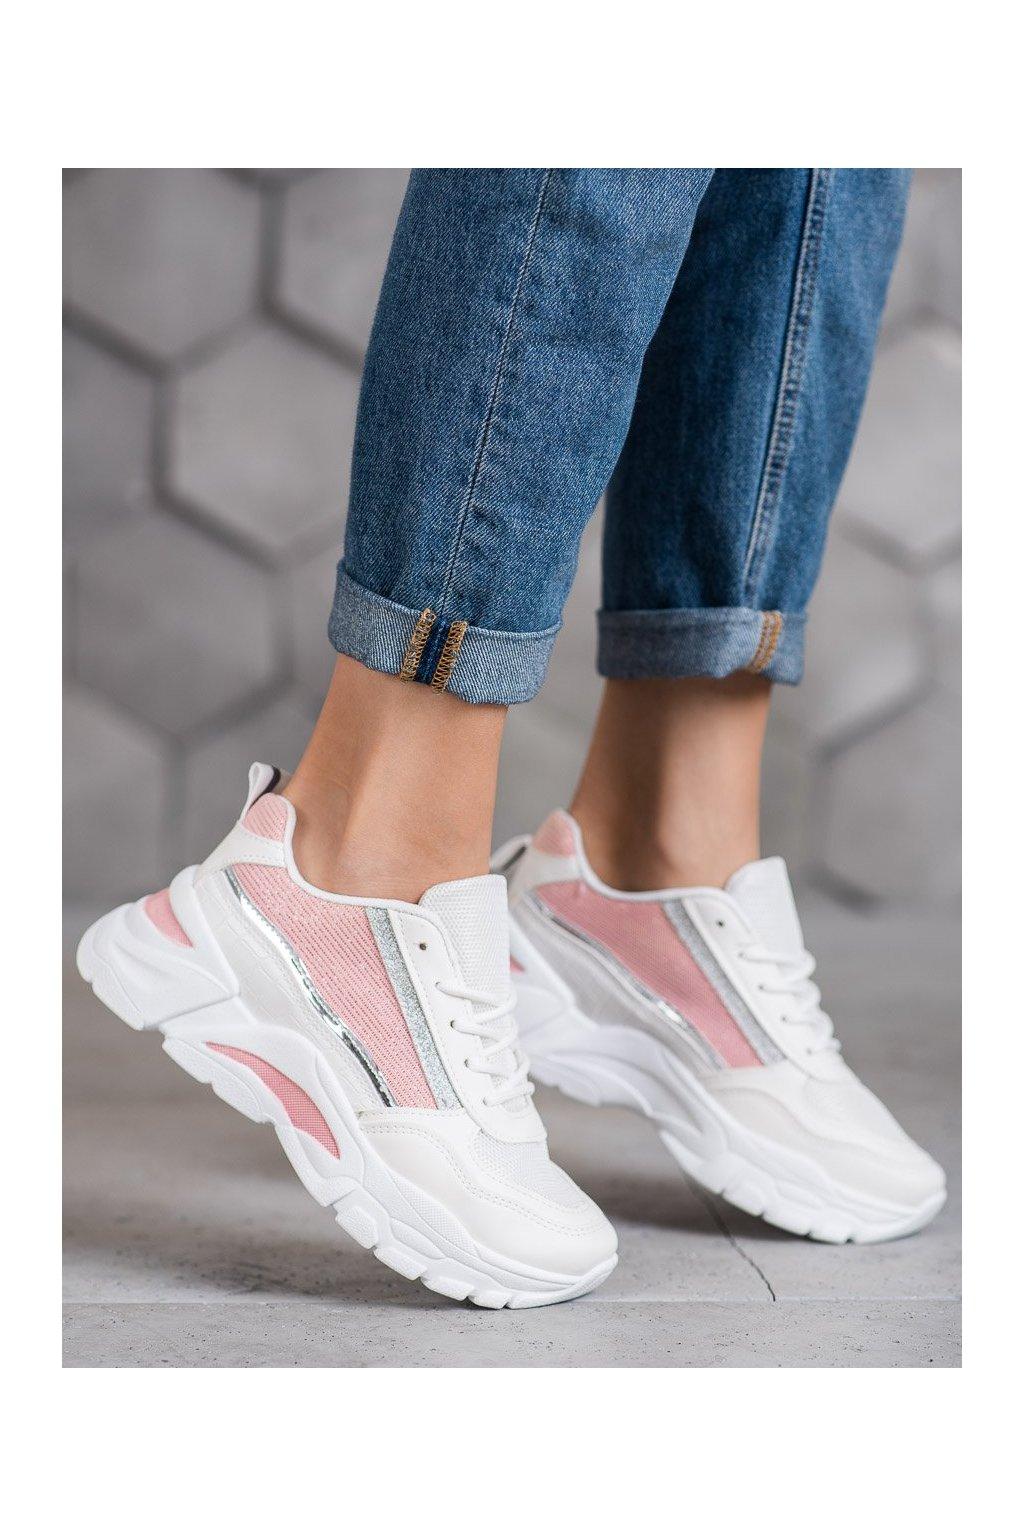 Ružové tenisky Shelovet kod YL-21P